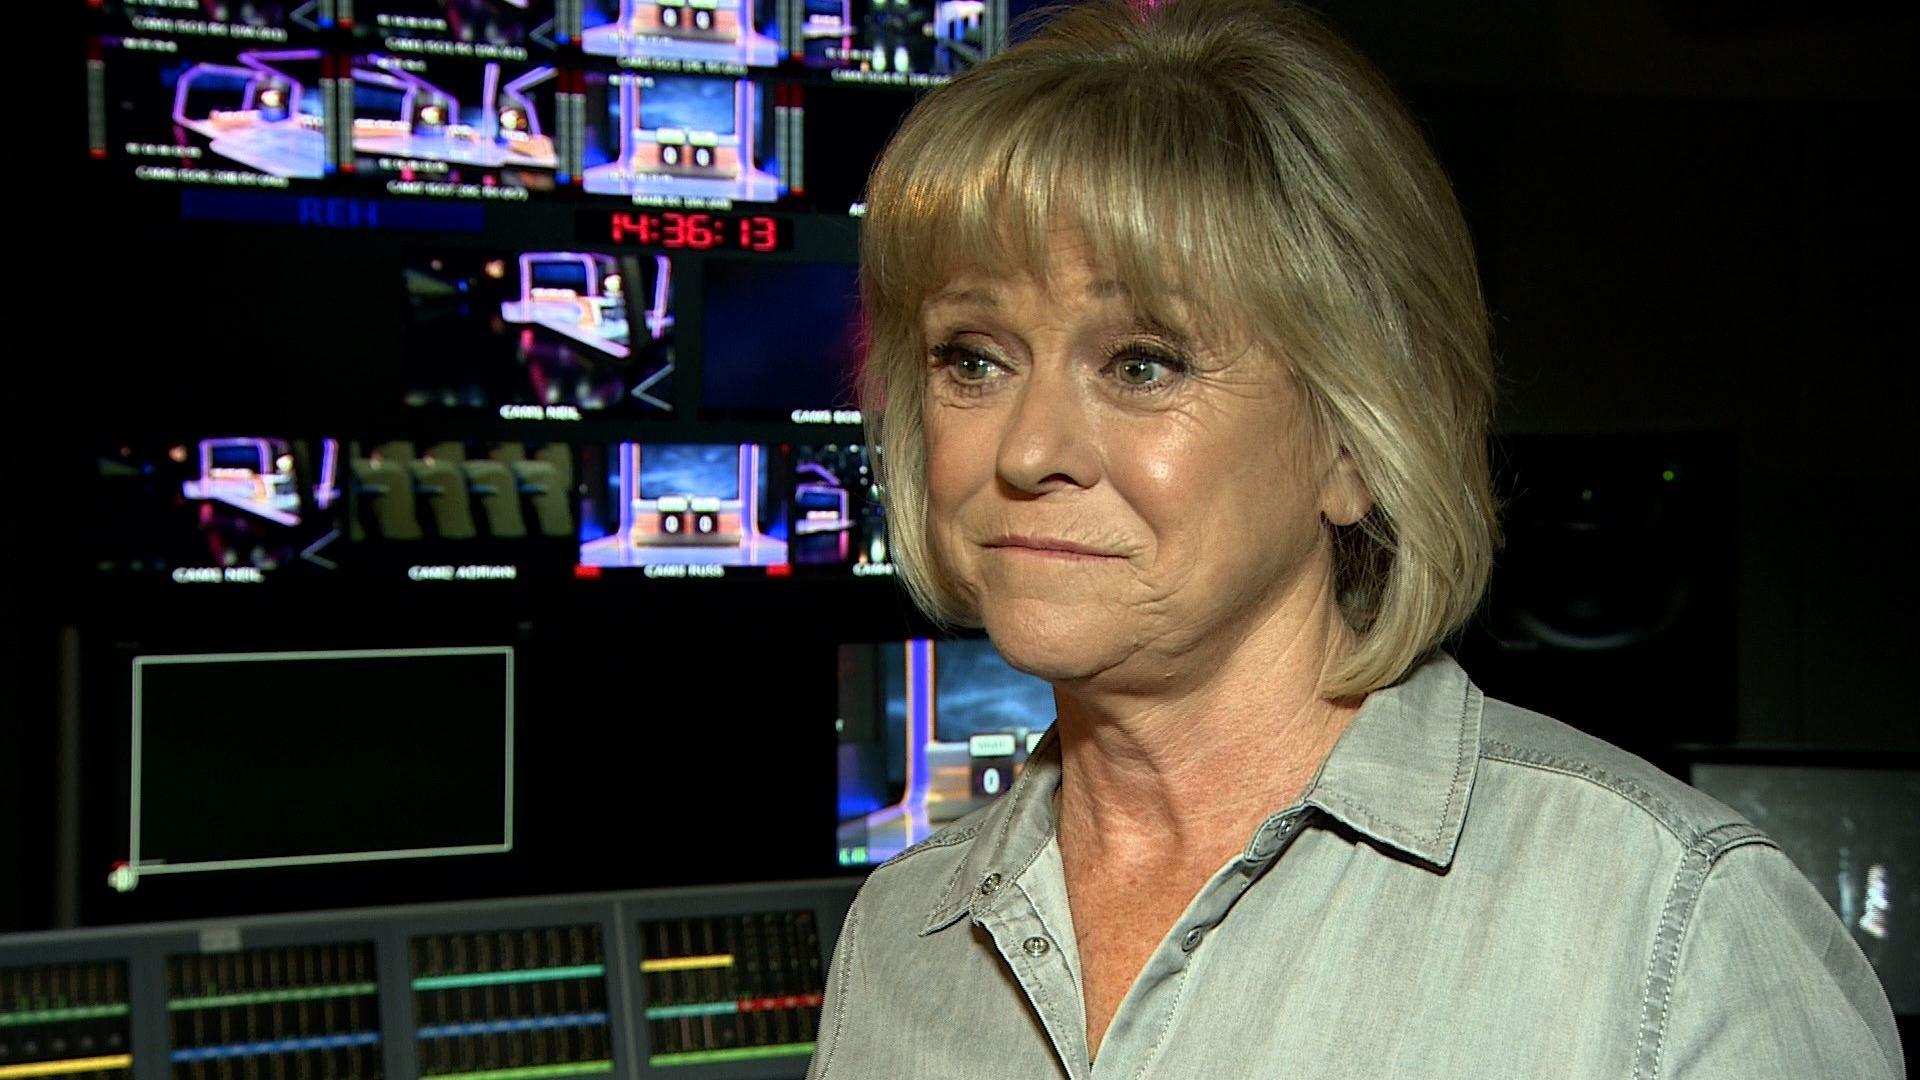 BBC Sport presenter Sue Barker